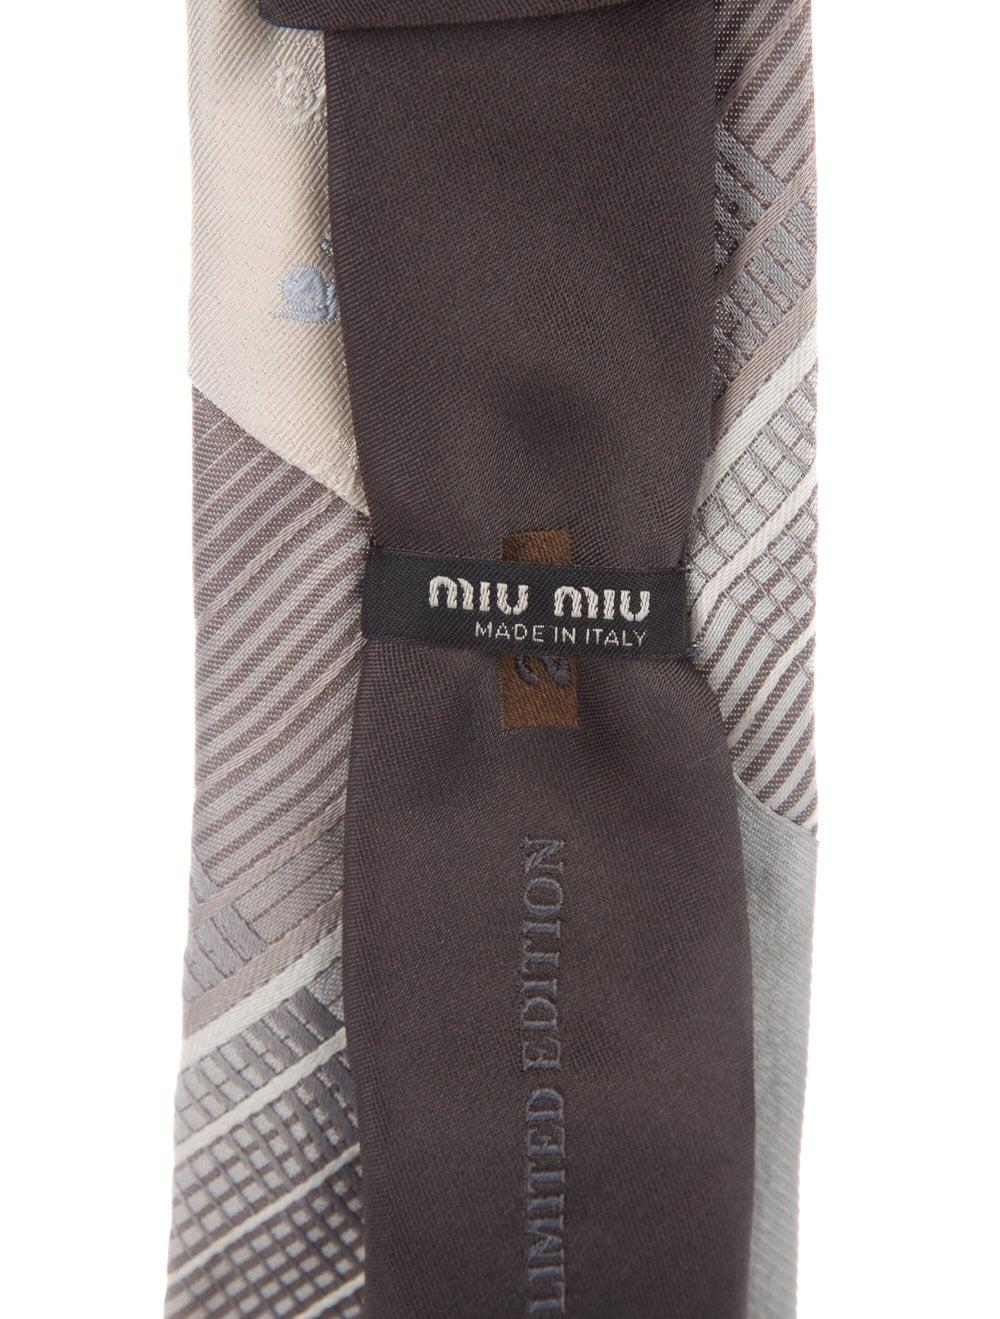 Miu Miu Embroidered Silk Tie grey - image 2